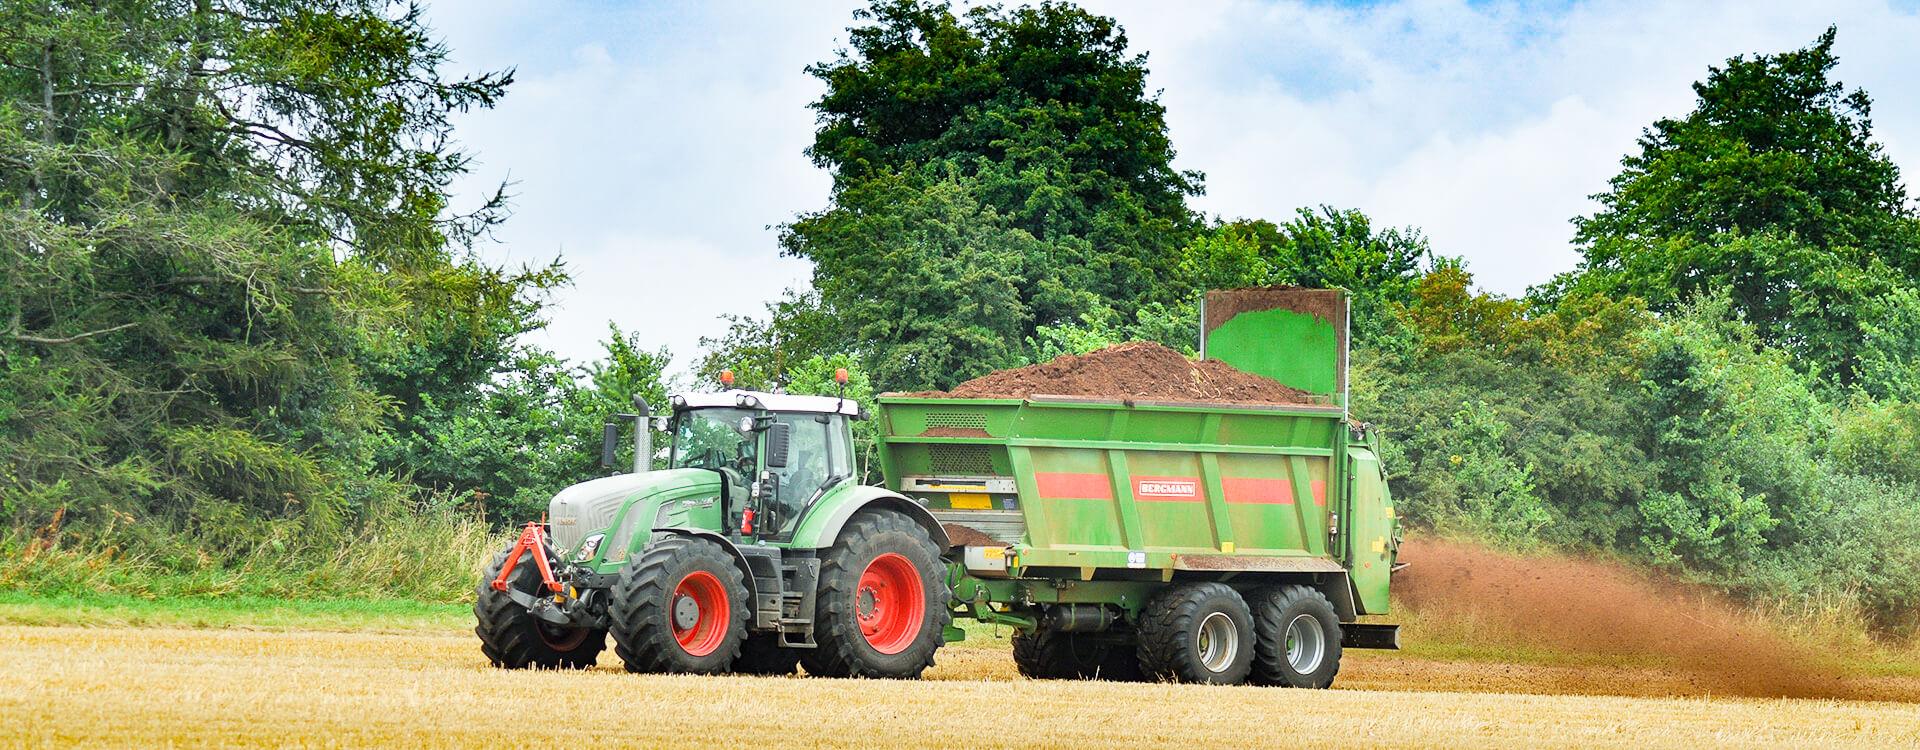 Fendt tractor Bergmann muck spreader chicken manure spreading